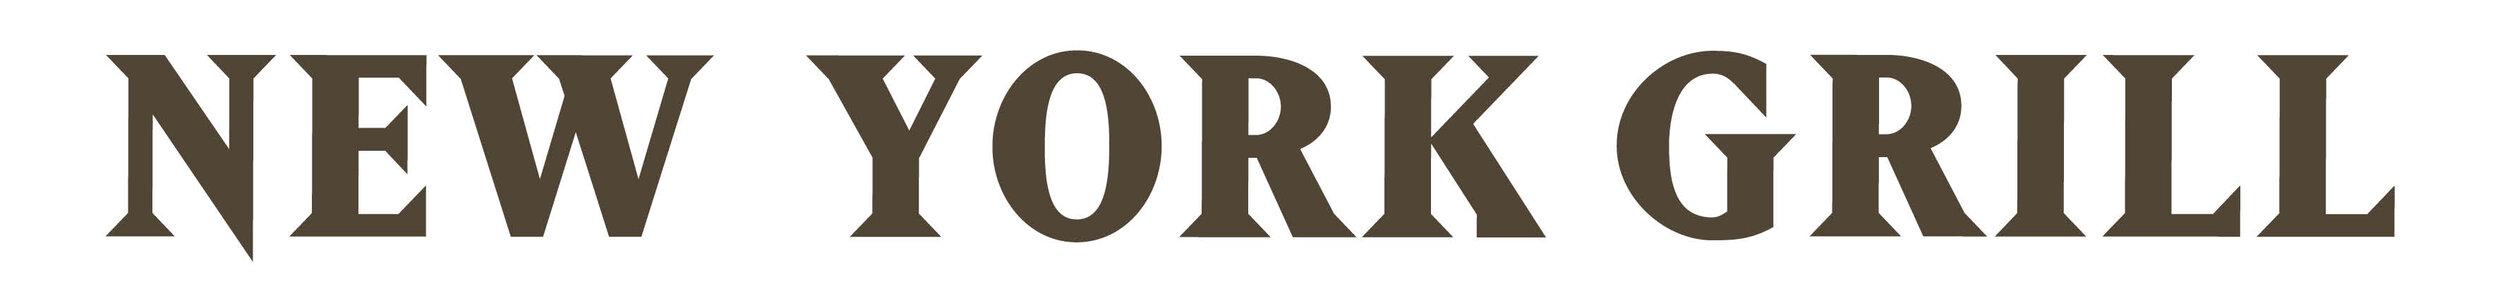 NYG-Logo_Long_Dark_Brown.jpg